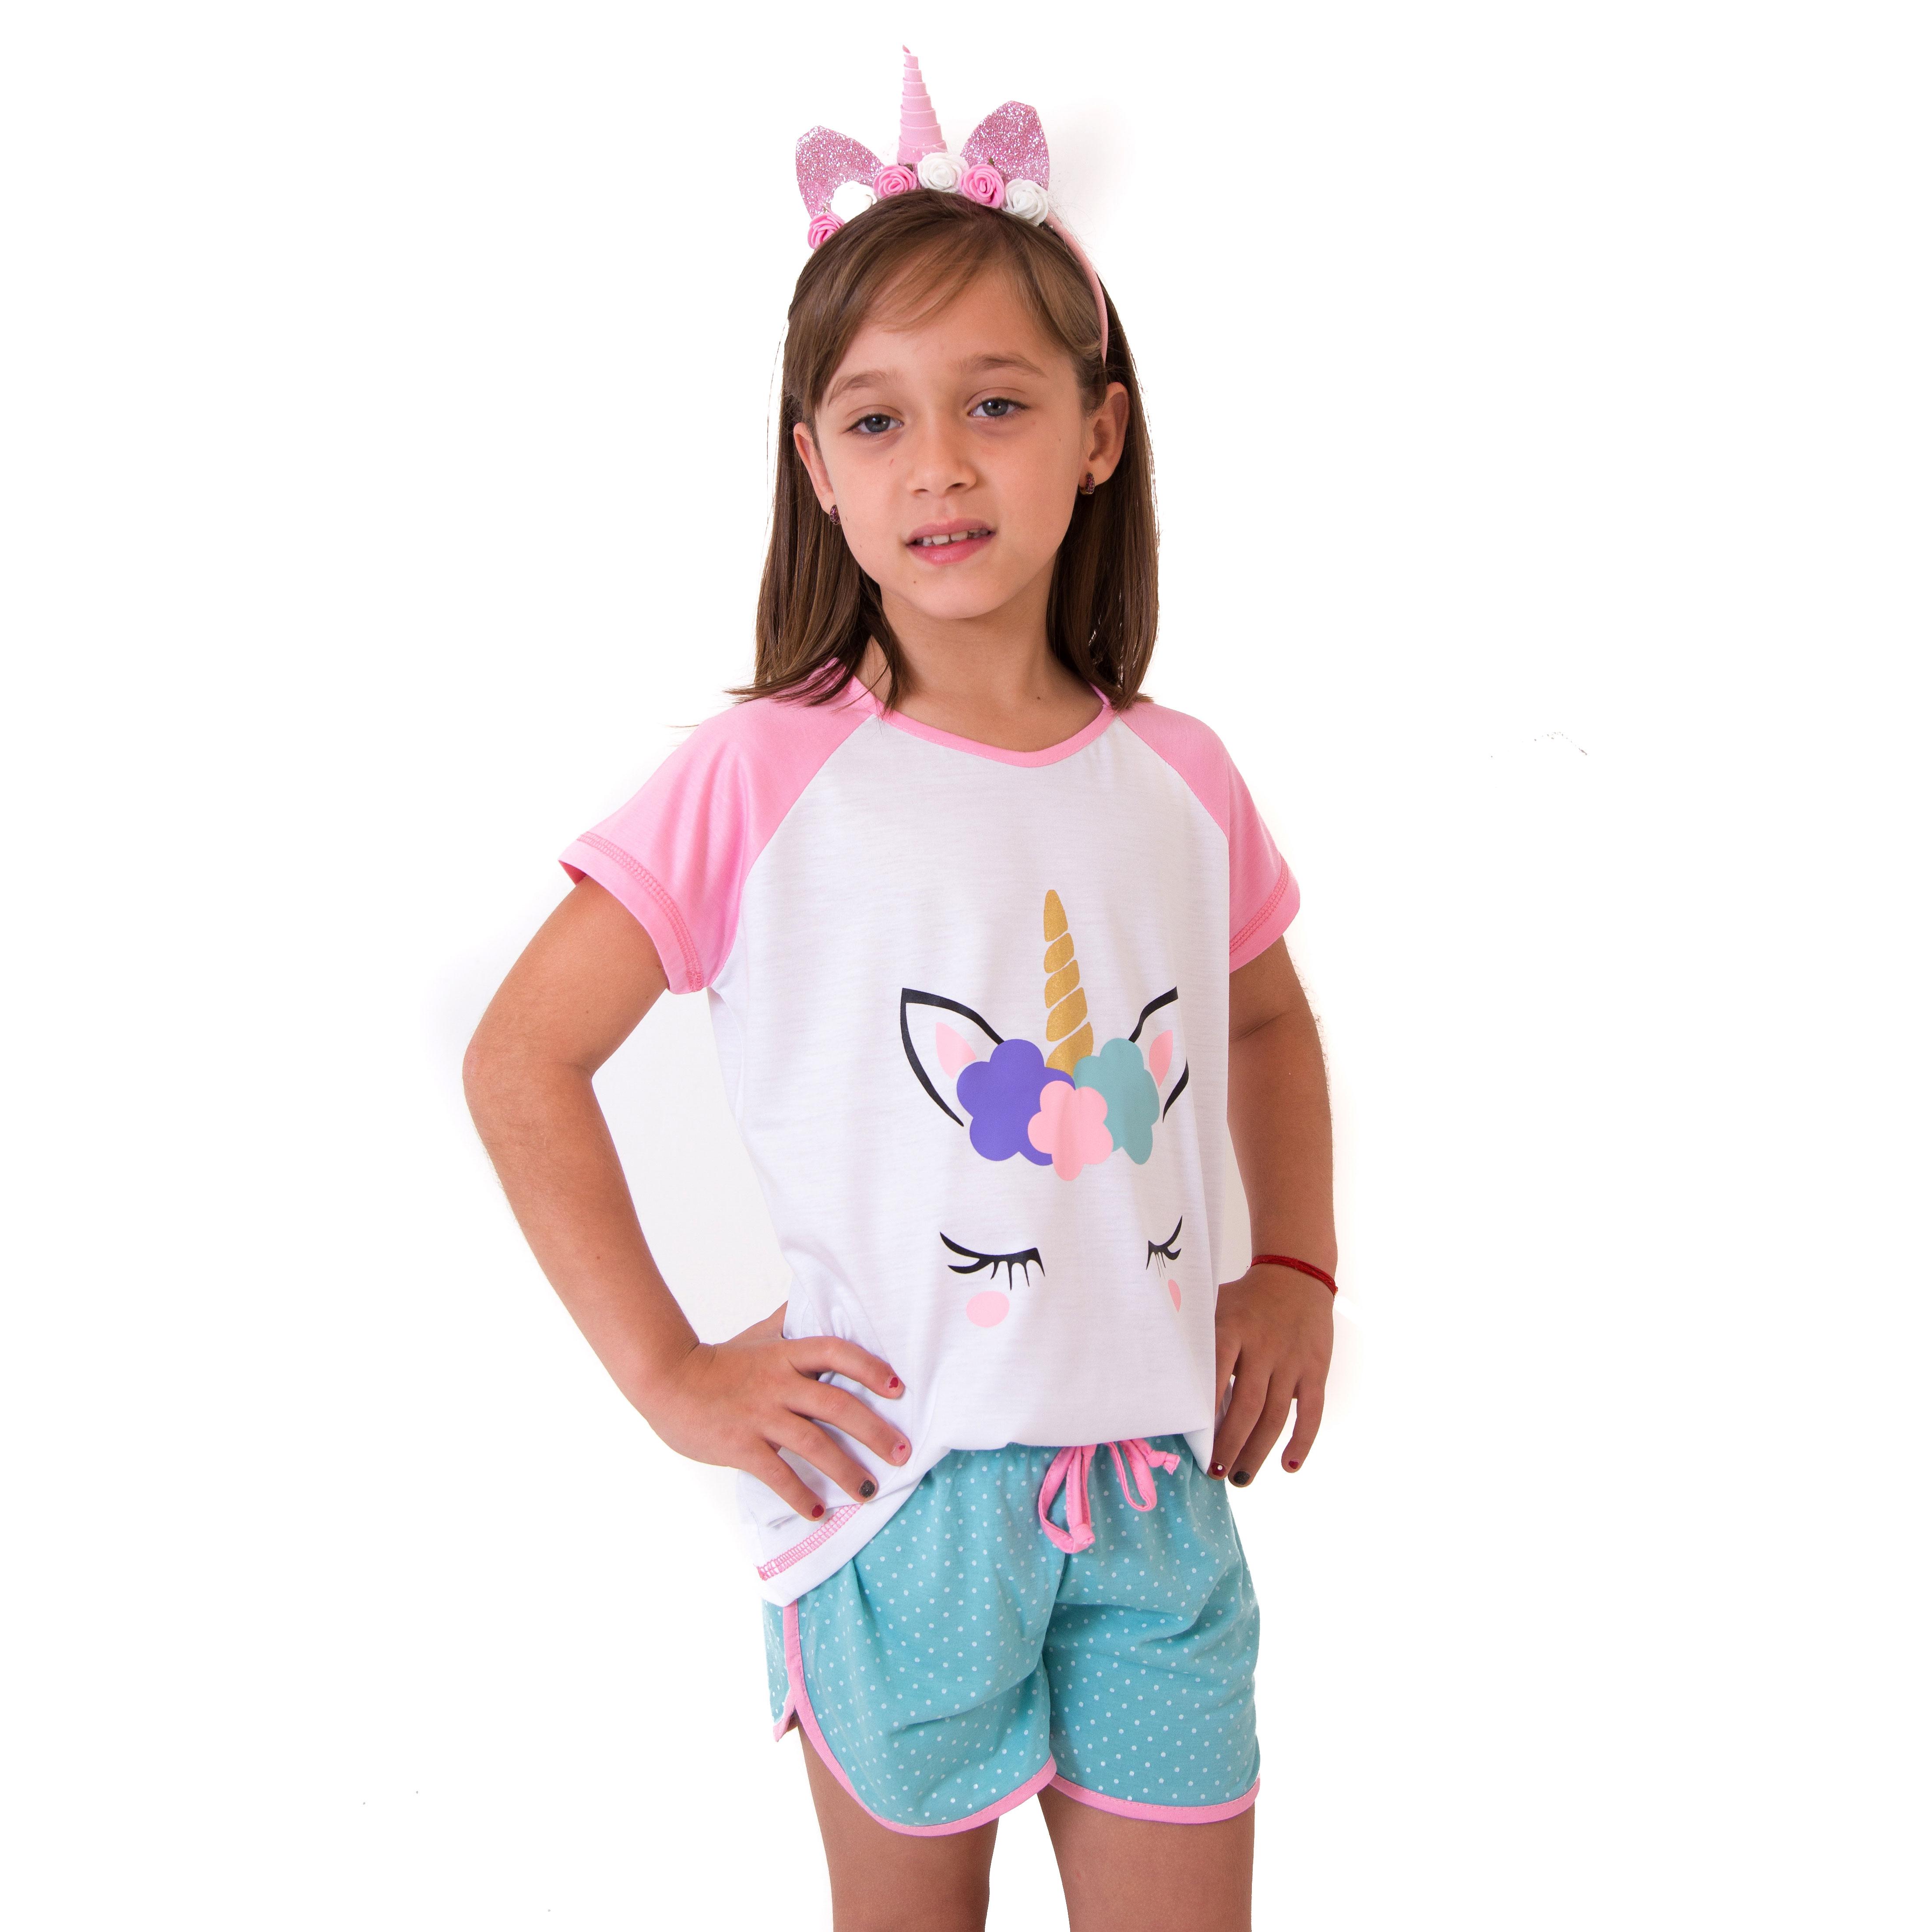 206ae80a4 Pijama + Tiara de Unicórnio Infantil Feminino no Elo7